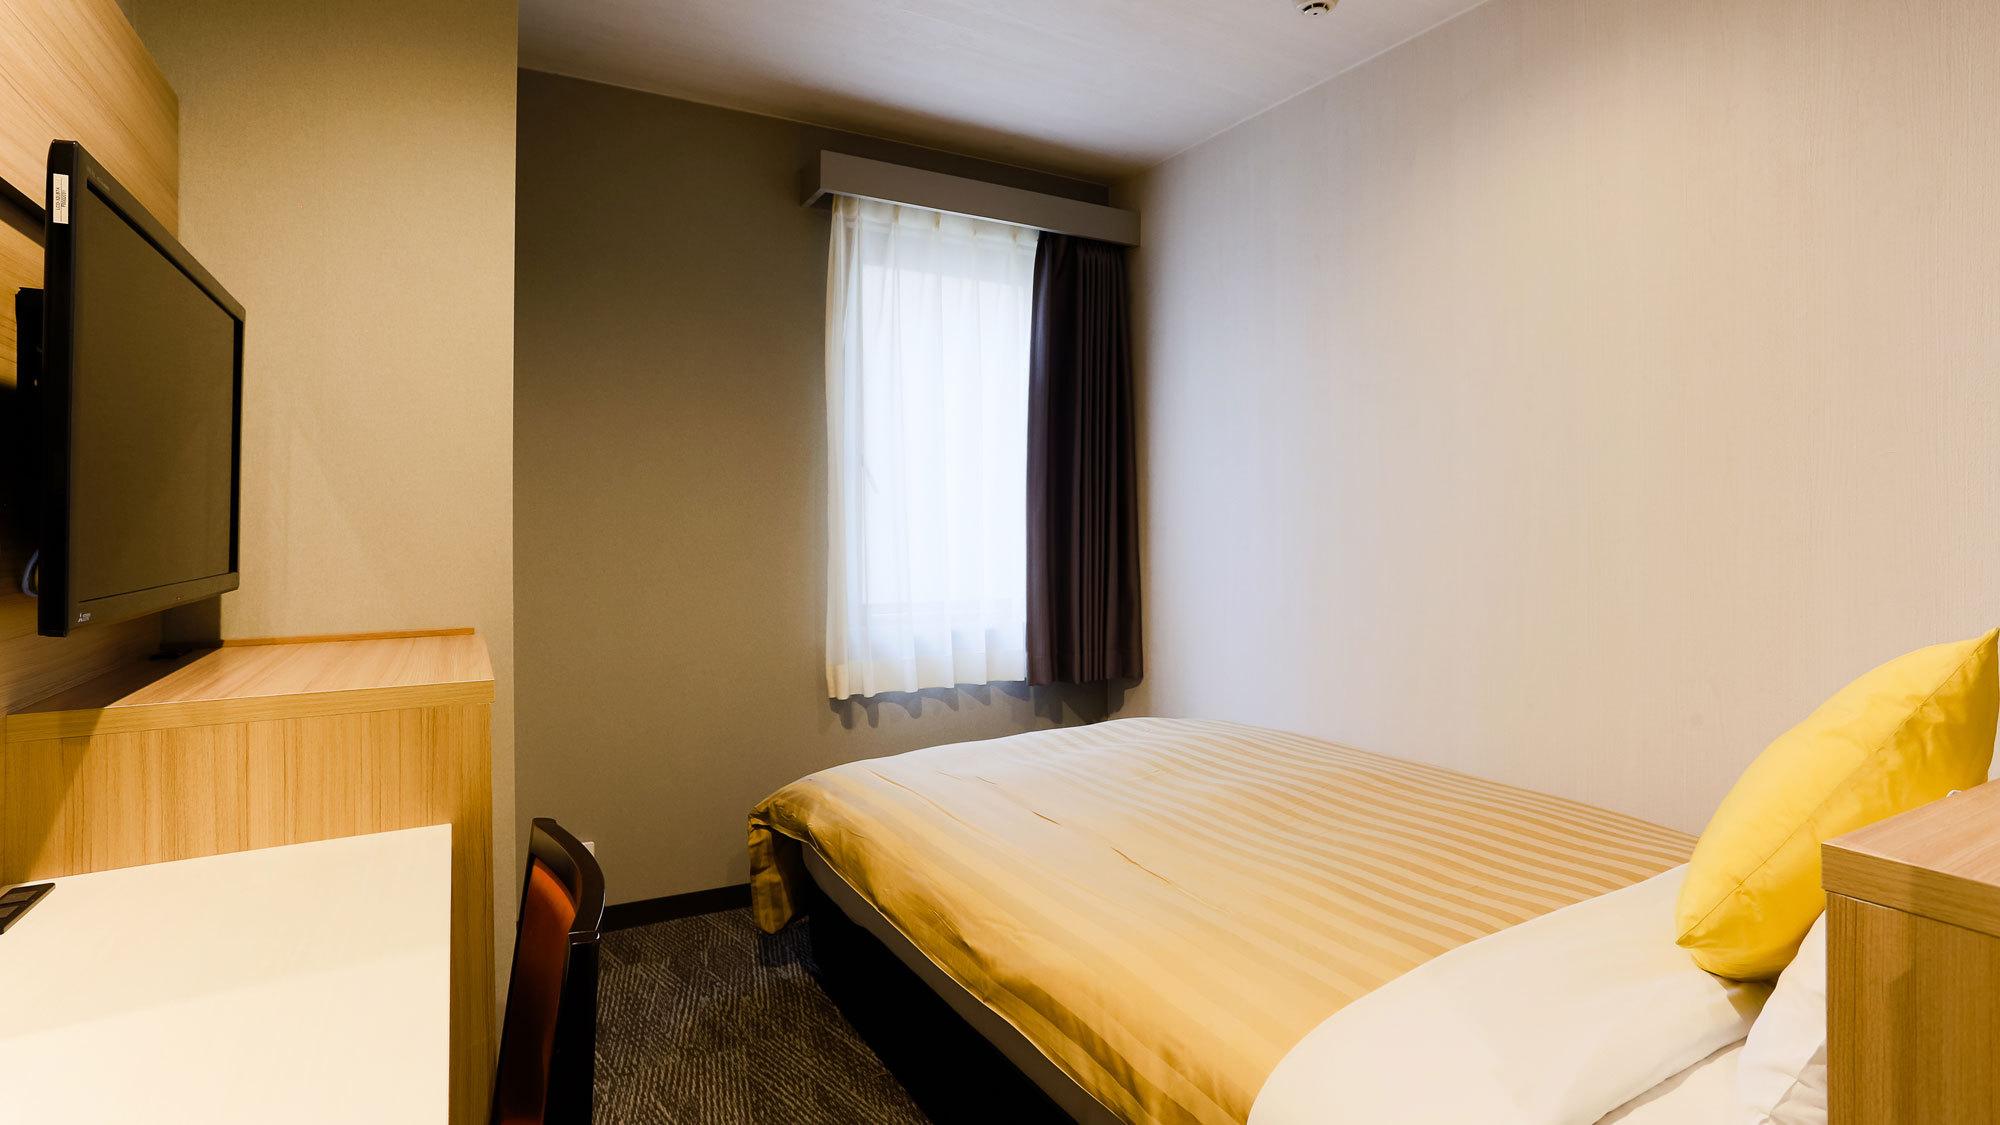 【客室一例】エコノミーシングルまたはセミダブル(ベッド幅122195cm)